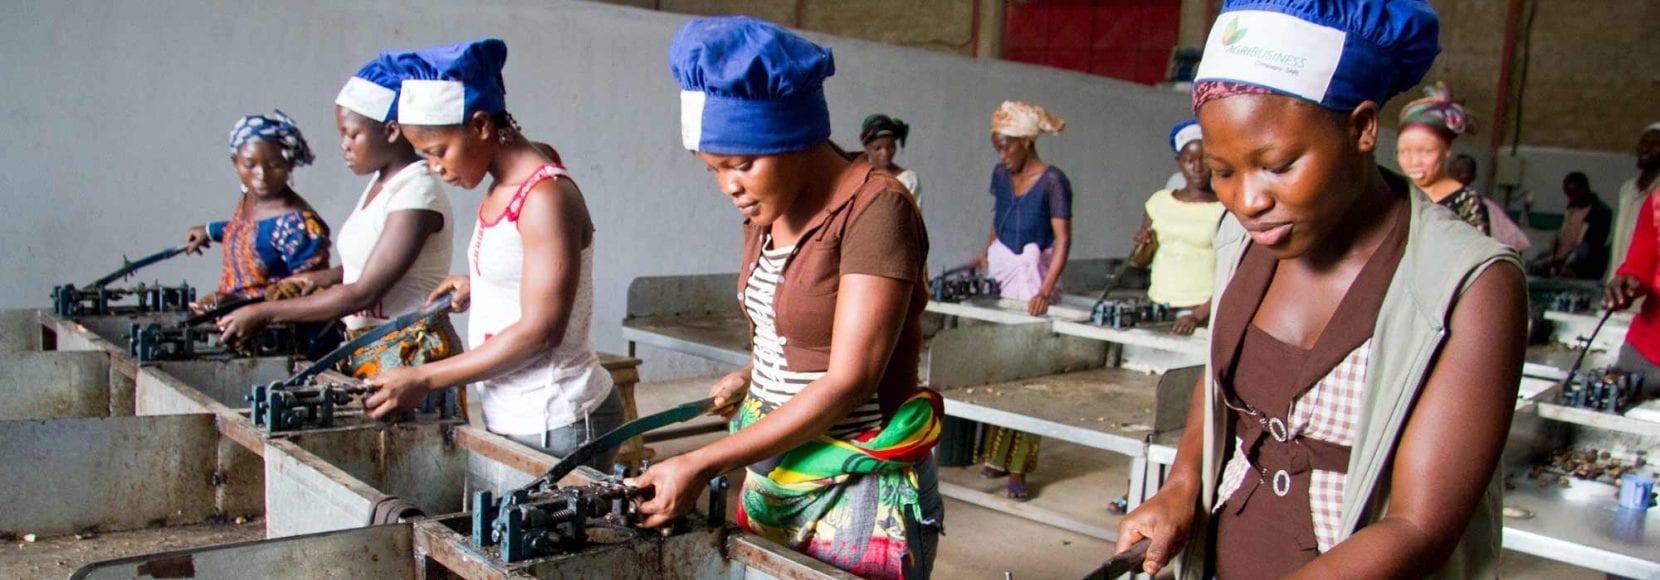 Côte d'Ivoire economic revitalization